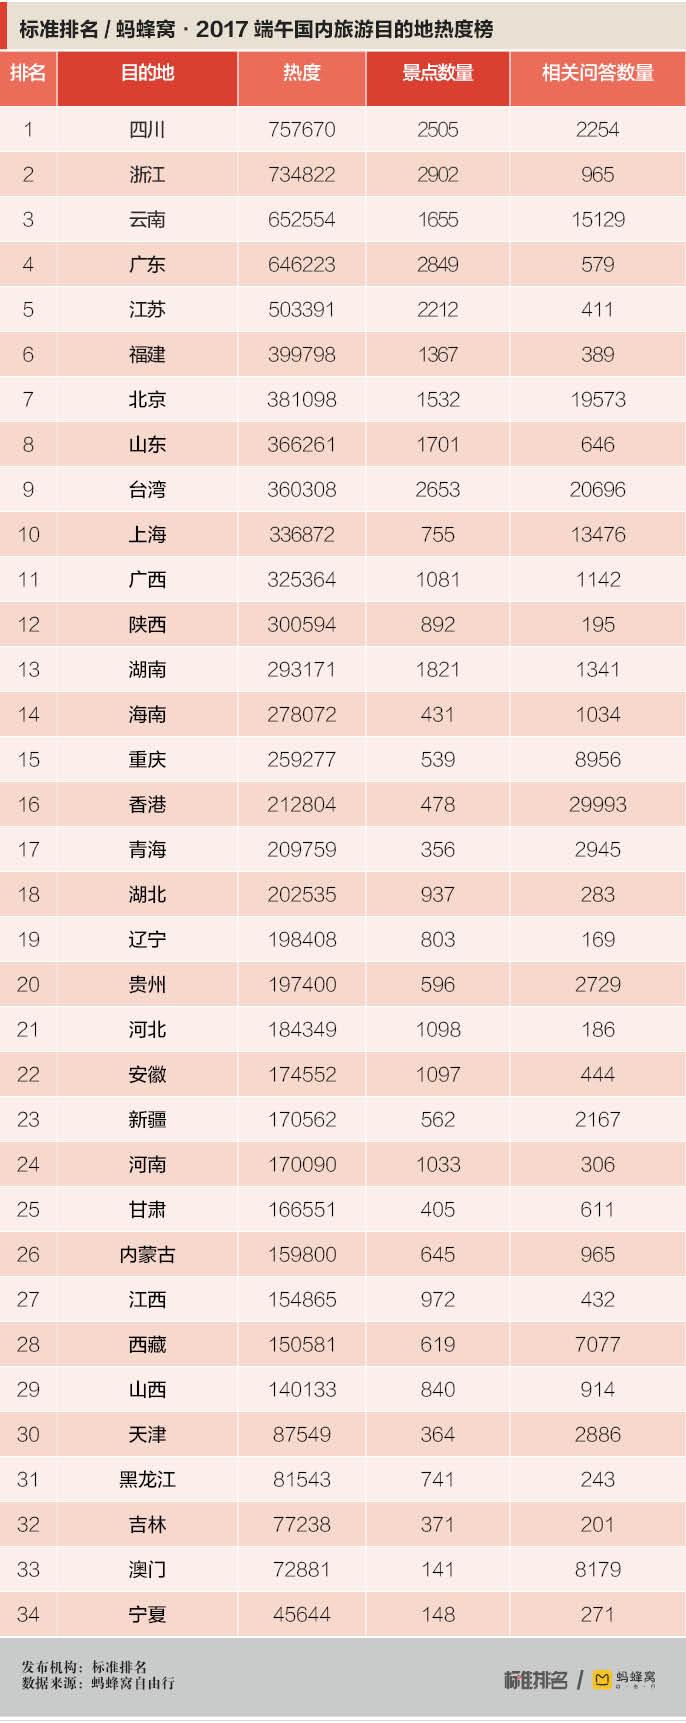 浙江哪里好玩景点排名_2017年端午国内旅游目的地热度榜:四川最火热,浙江景点多